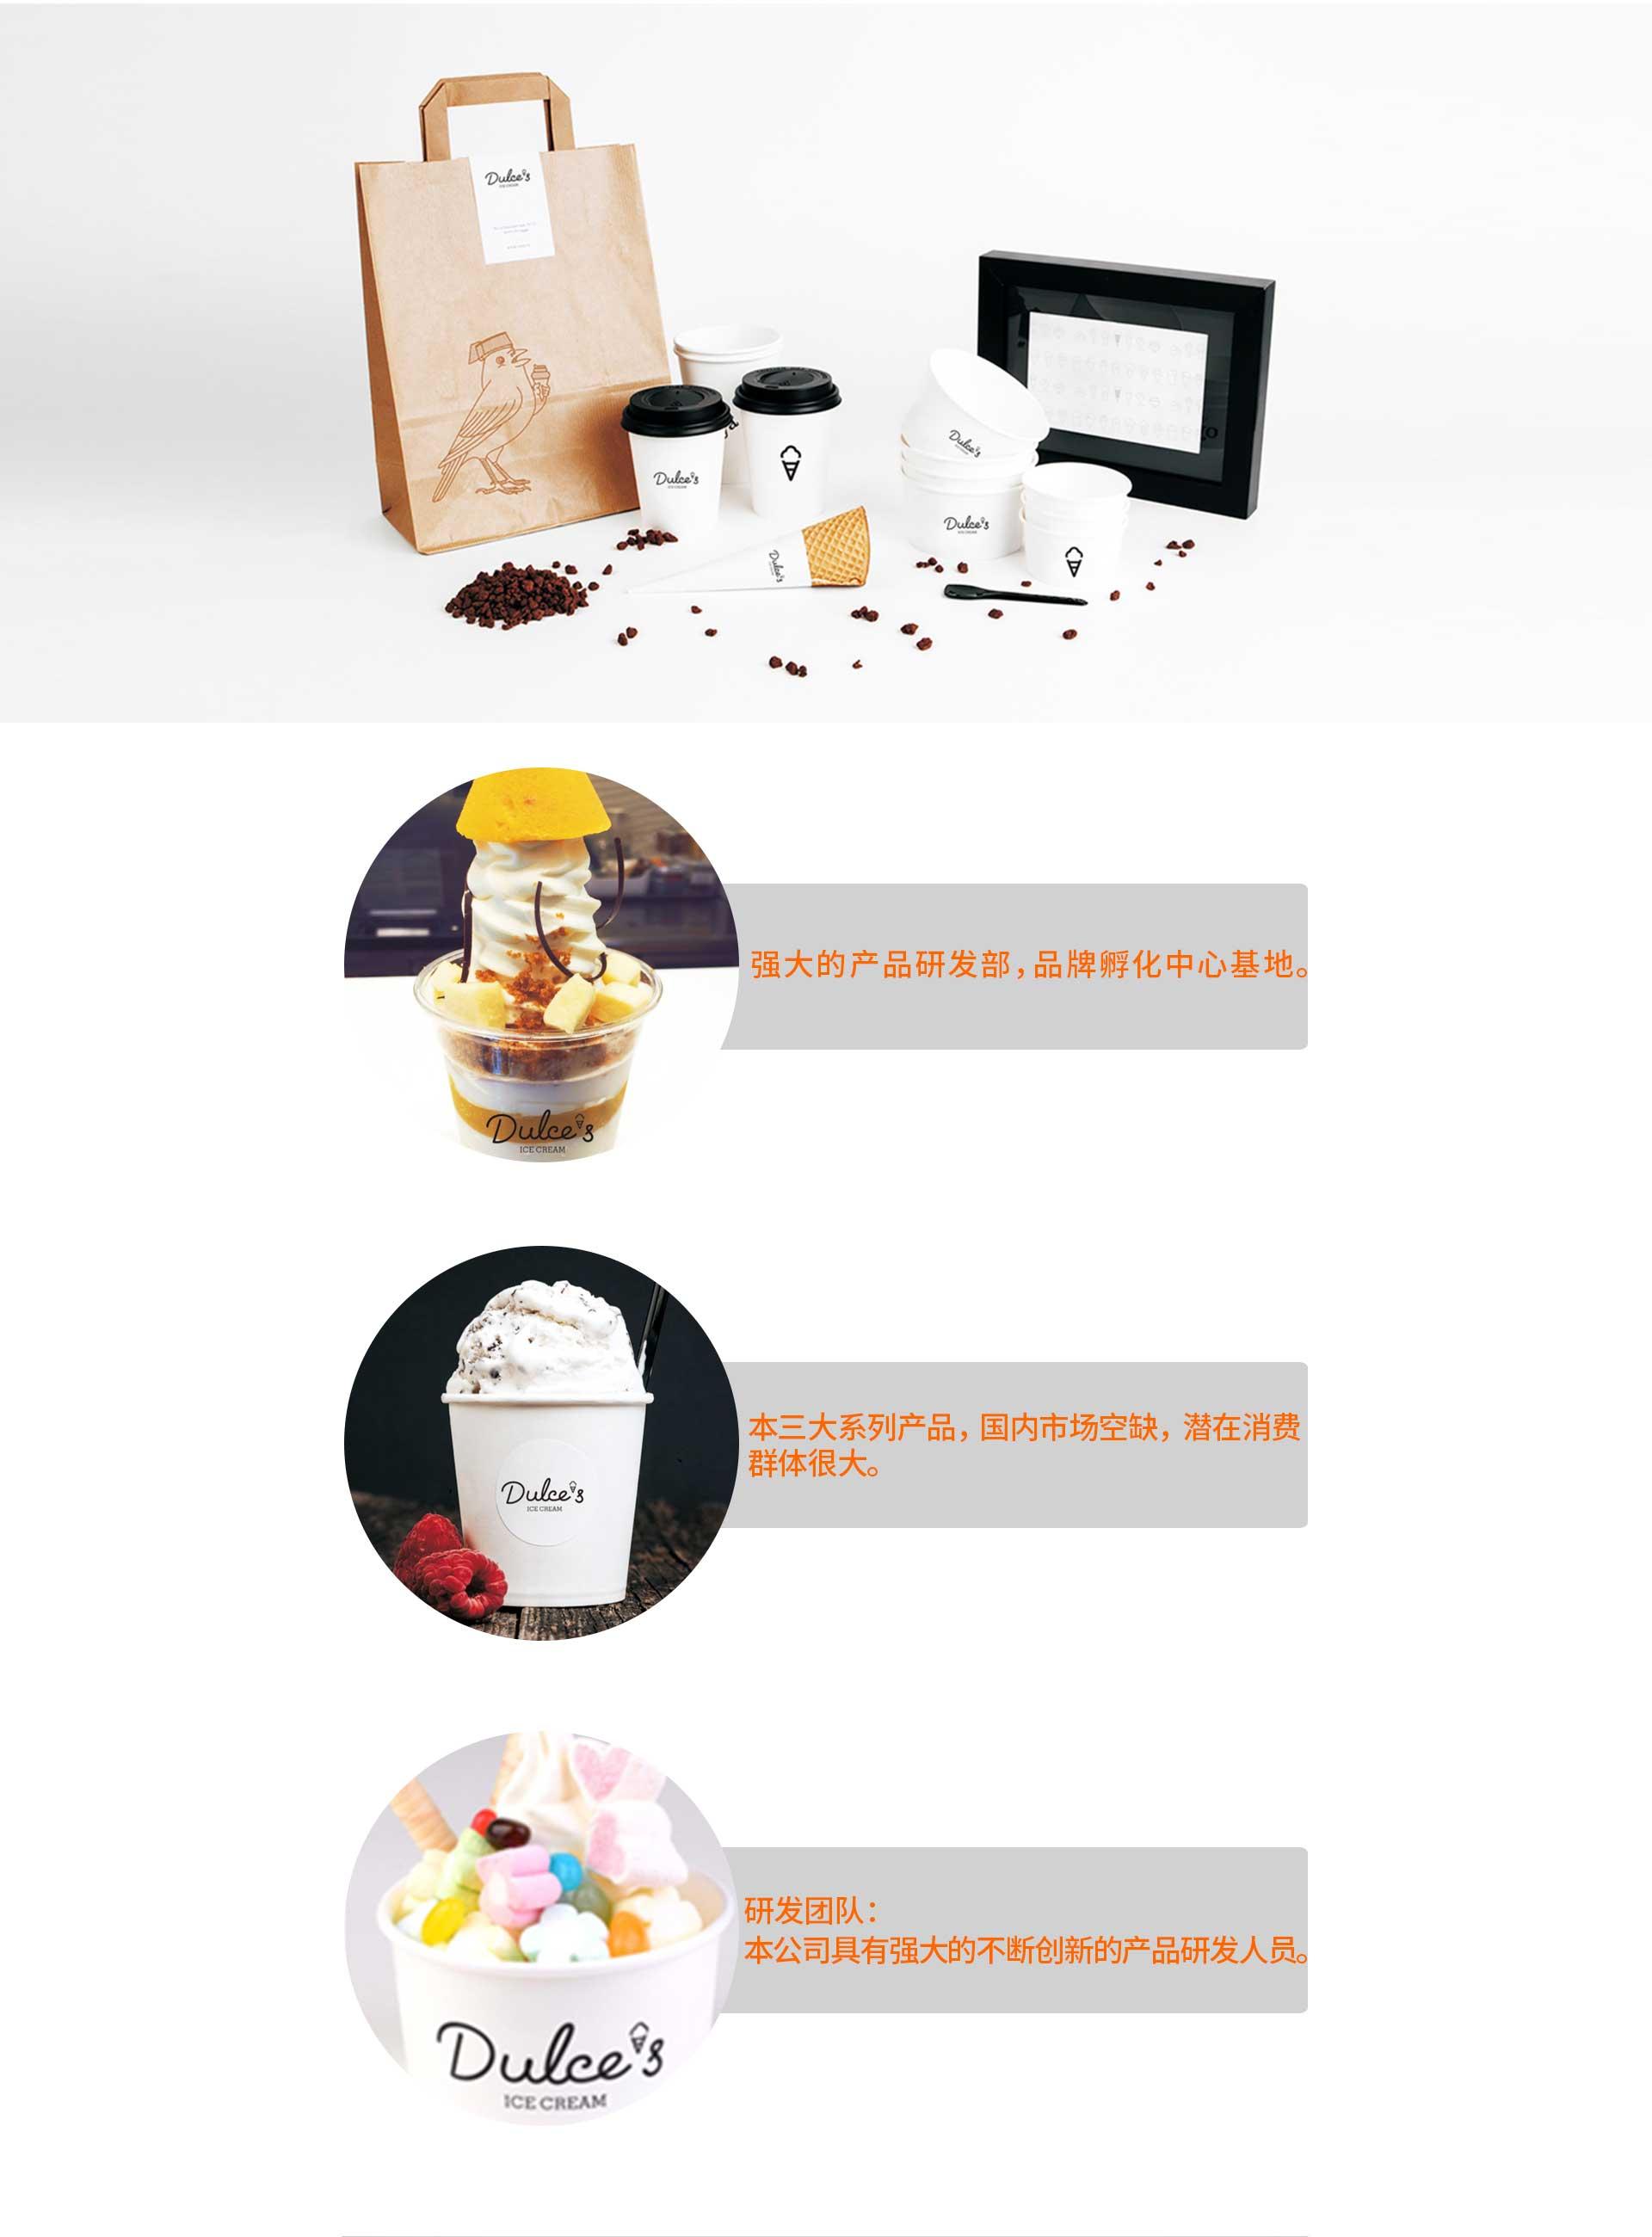 六锦记杜茜加盟-西班牙风情连锁品牌,极致甜蜜,融入心底,甜蜜,感动,温馨!-找餐饮甜品加盟就上小宝招